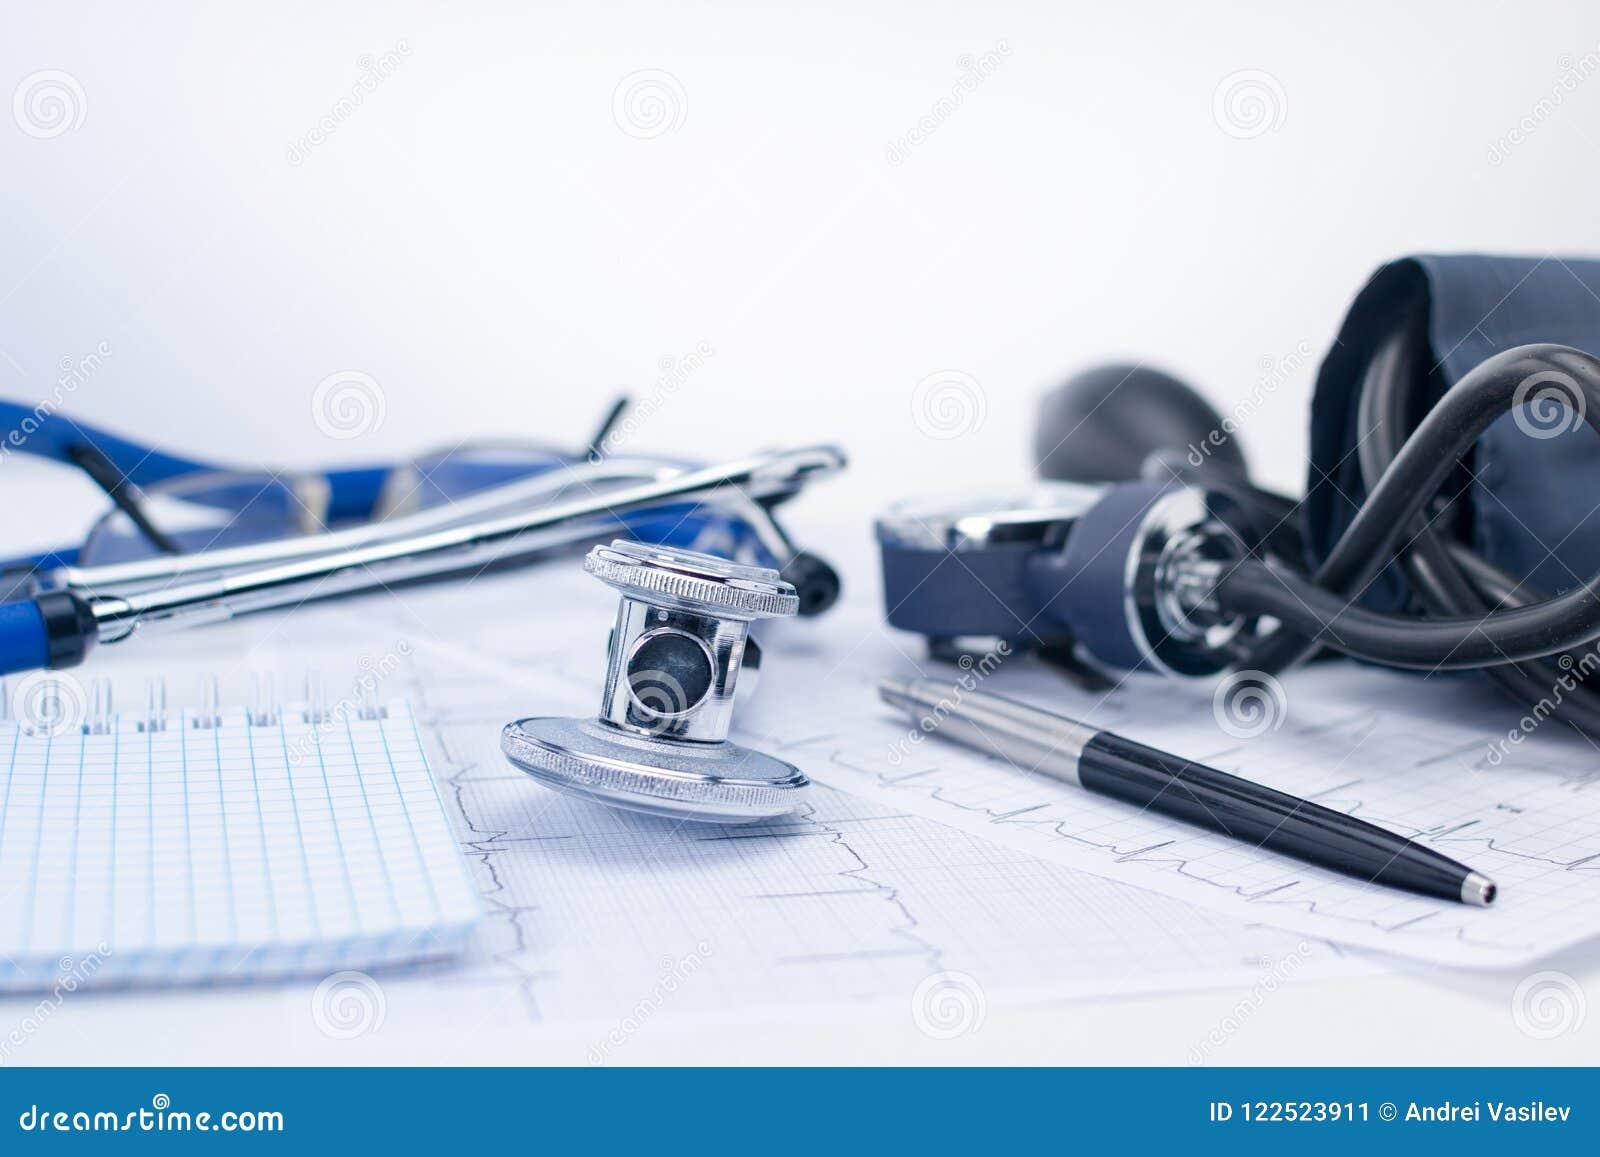 Estetoscopio en la tabla de funcionamiento de un cardiólogo Tonometer, de electrocardiograma y de libreta con el phonendoscope, m